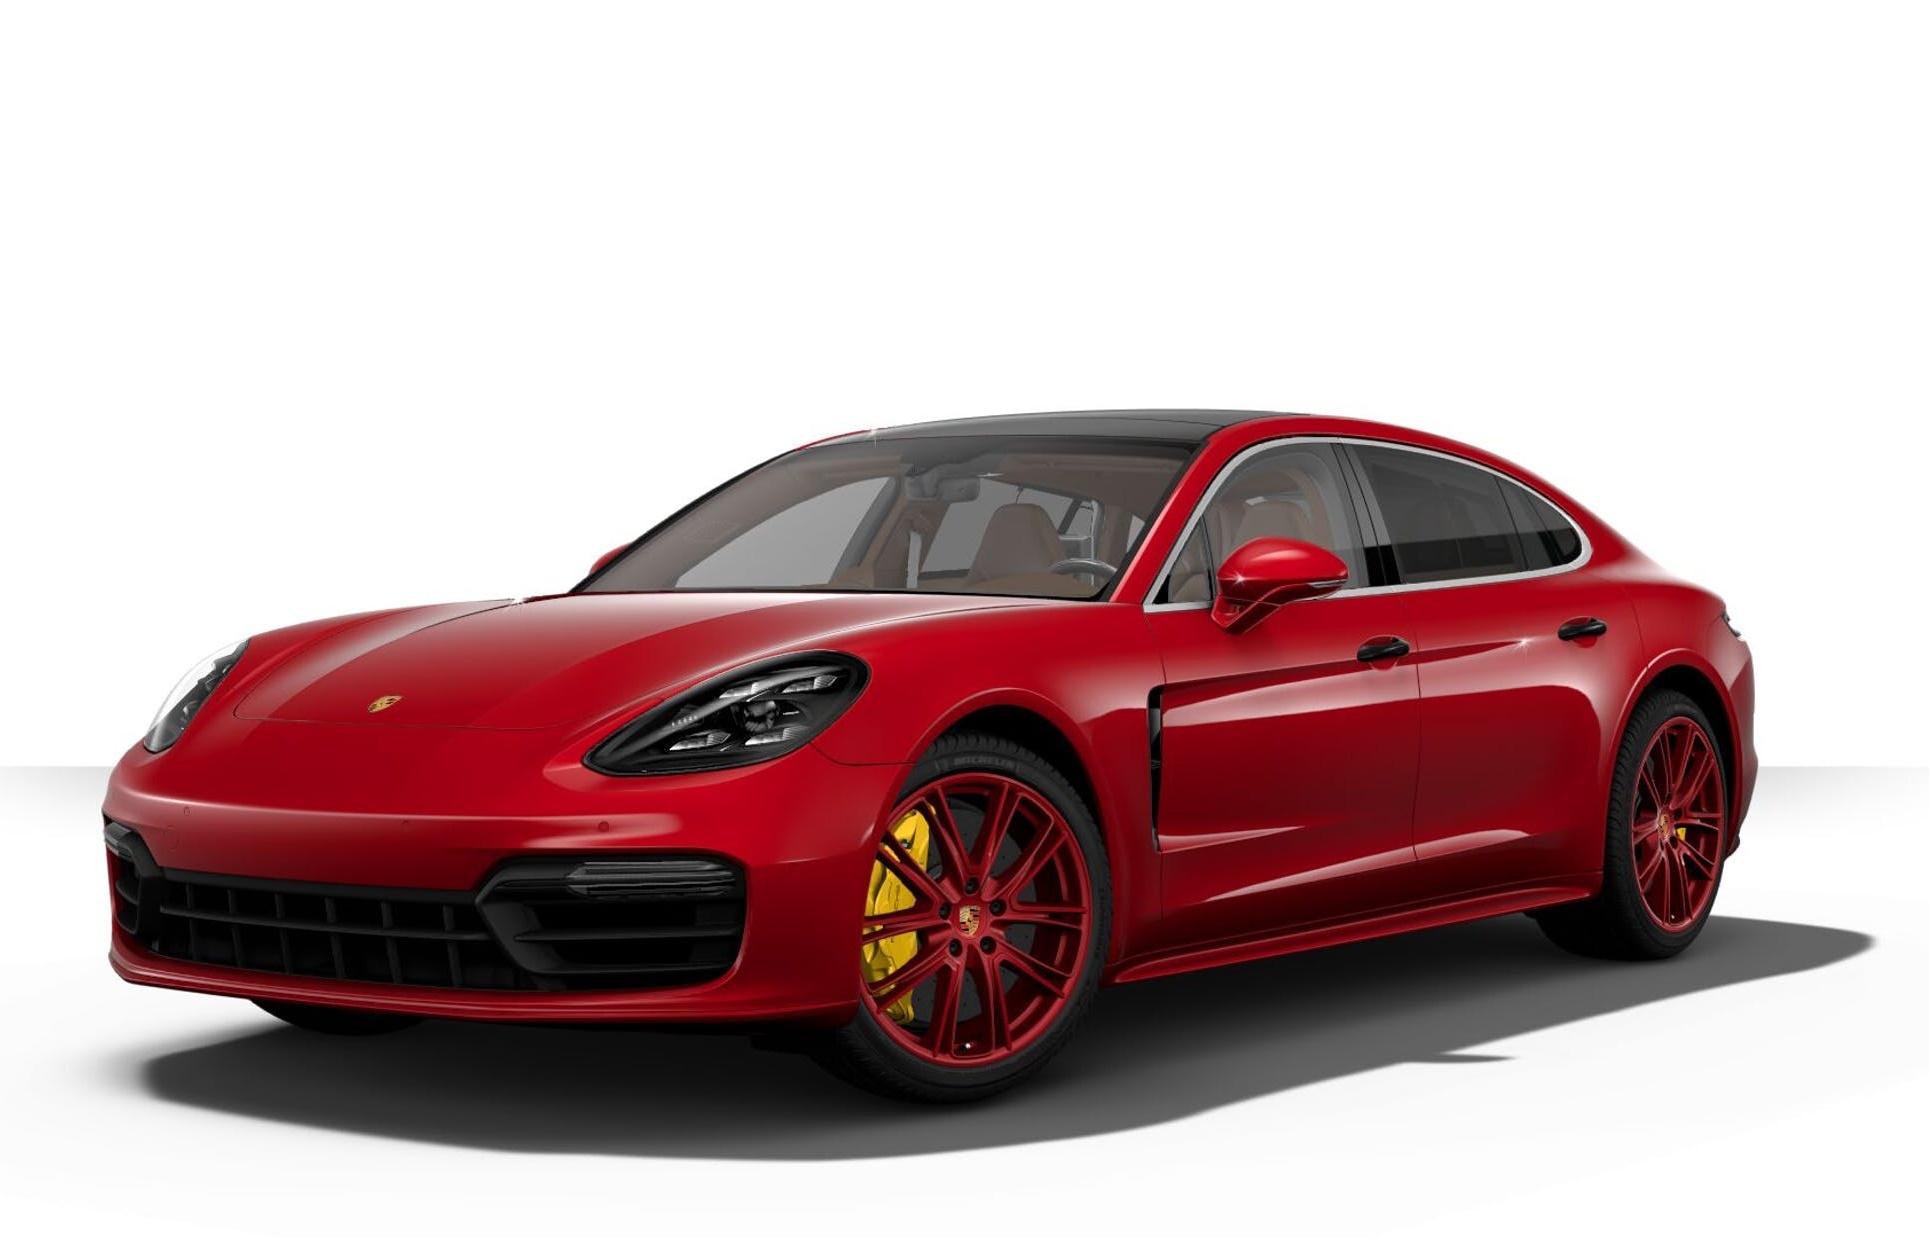 Kako konfigurisati Porsche Panameru tako da vam niko ne pozavidi što je posedujete